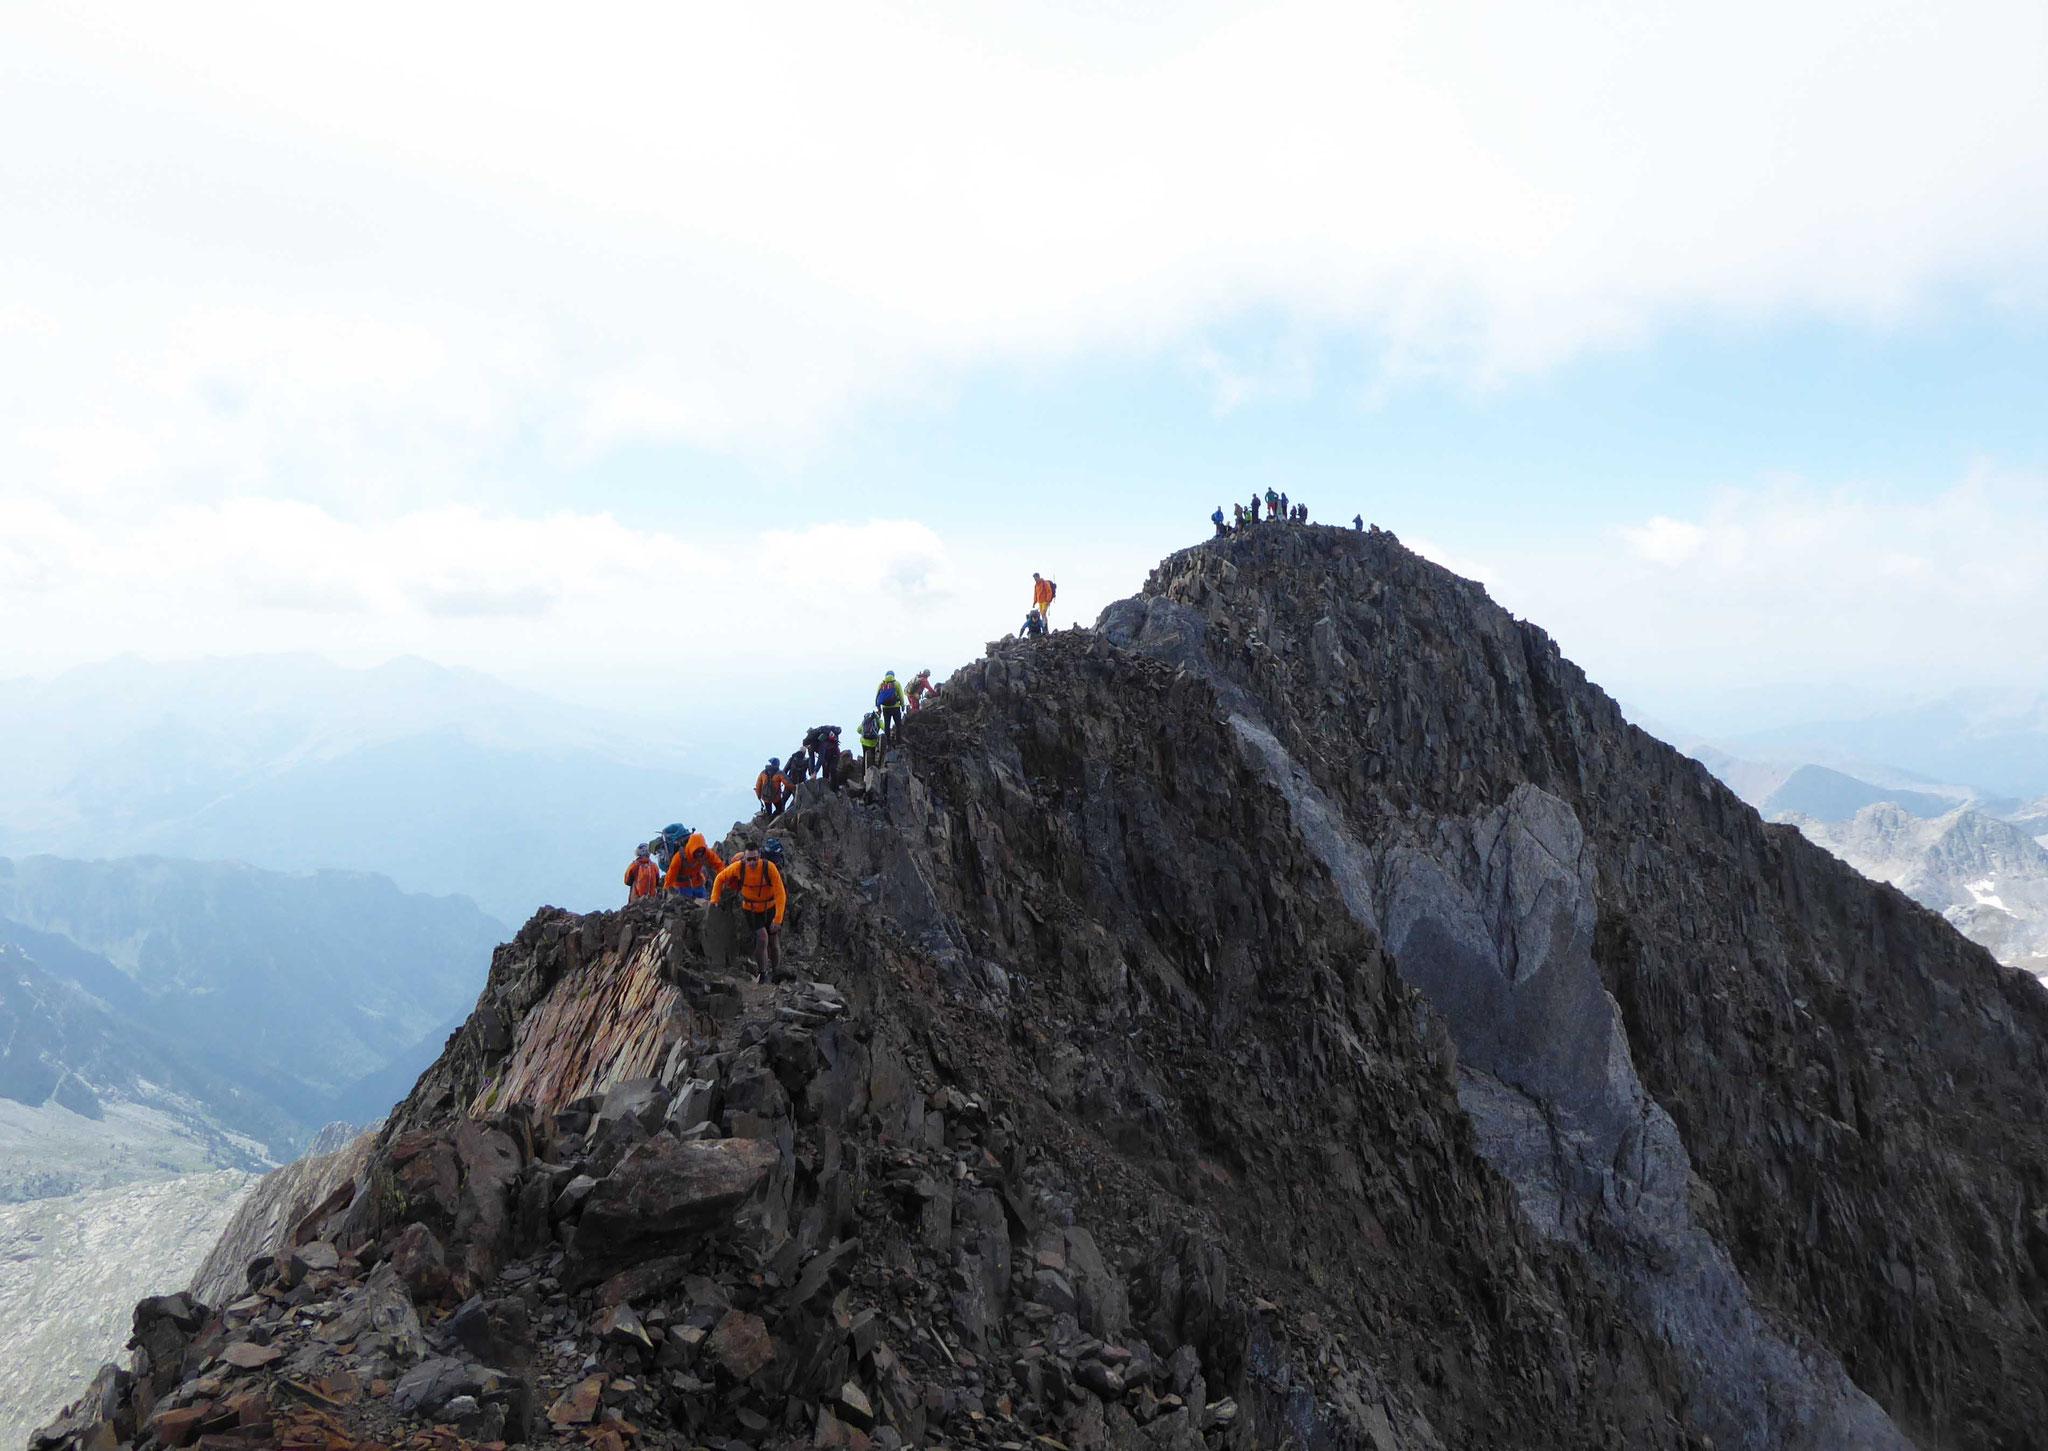 Crête sommitale des Posets (3375 m) en arrivant depuis Viados